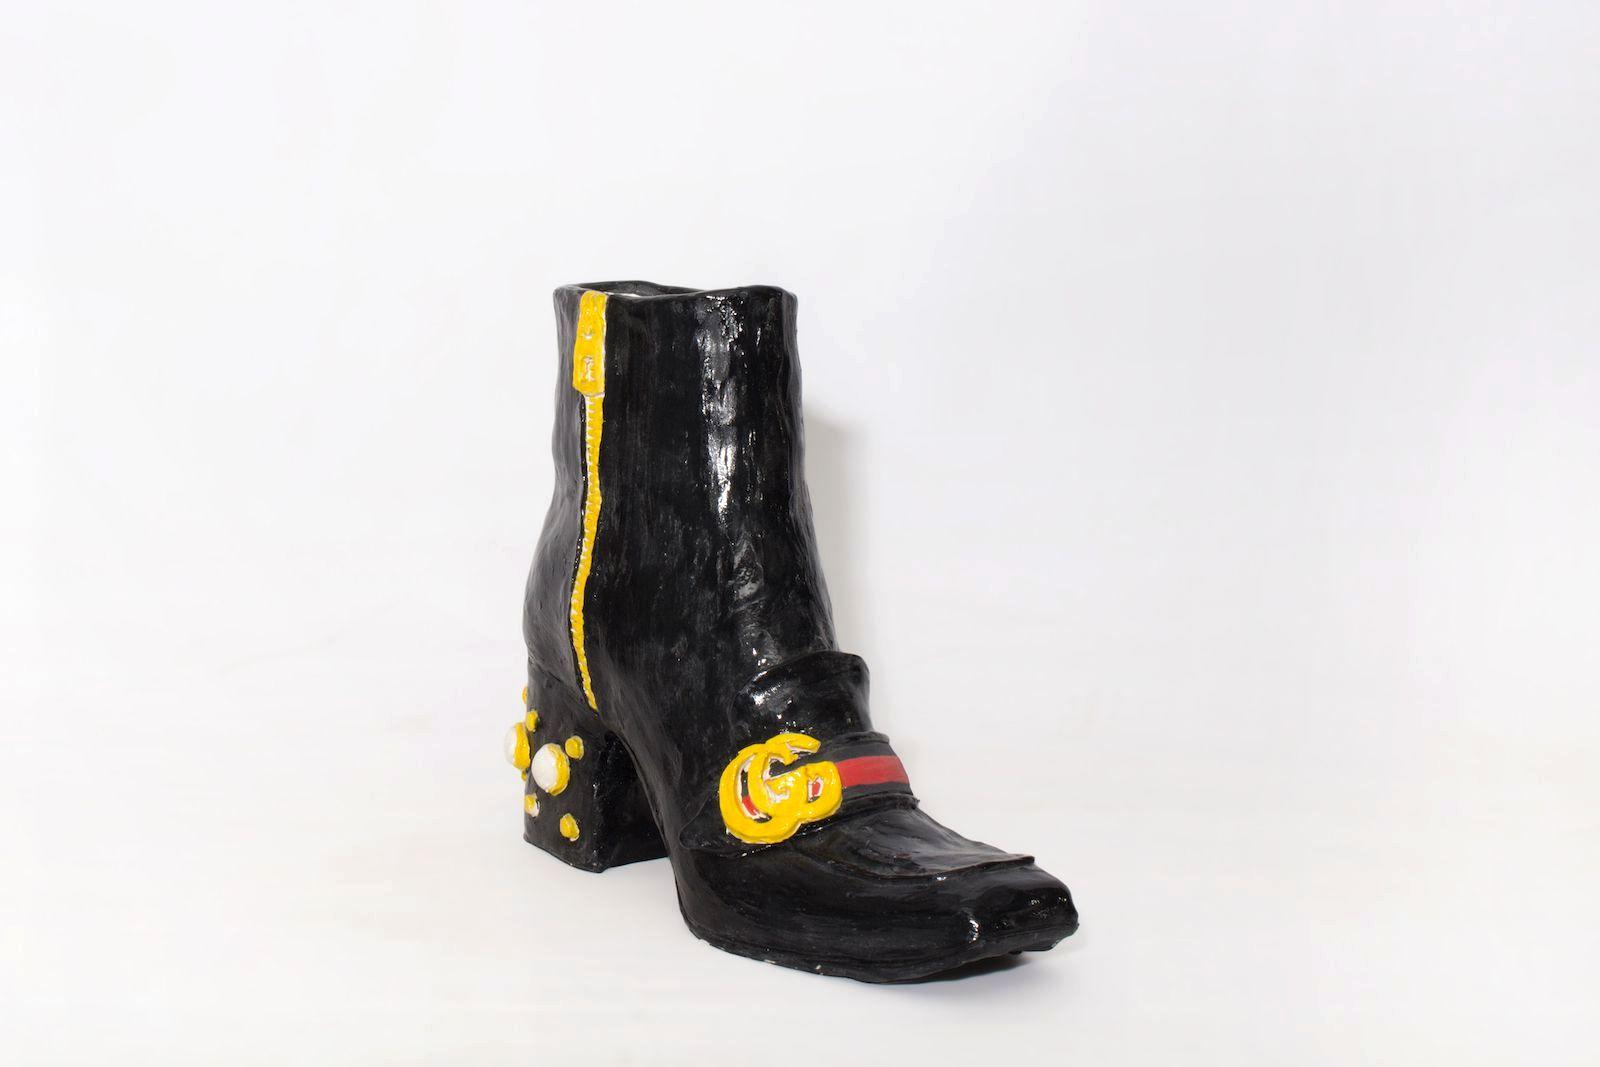 Познакомьтесь со скульптором обуви Дианой Рохас, сапоги Gucci